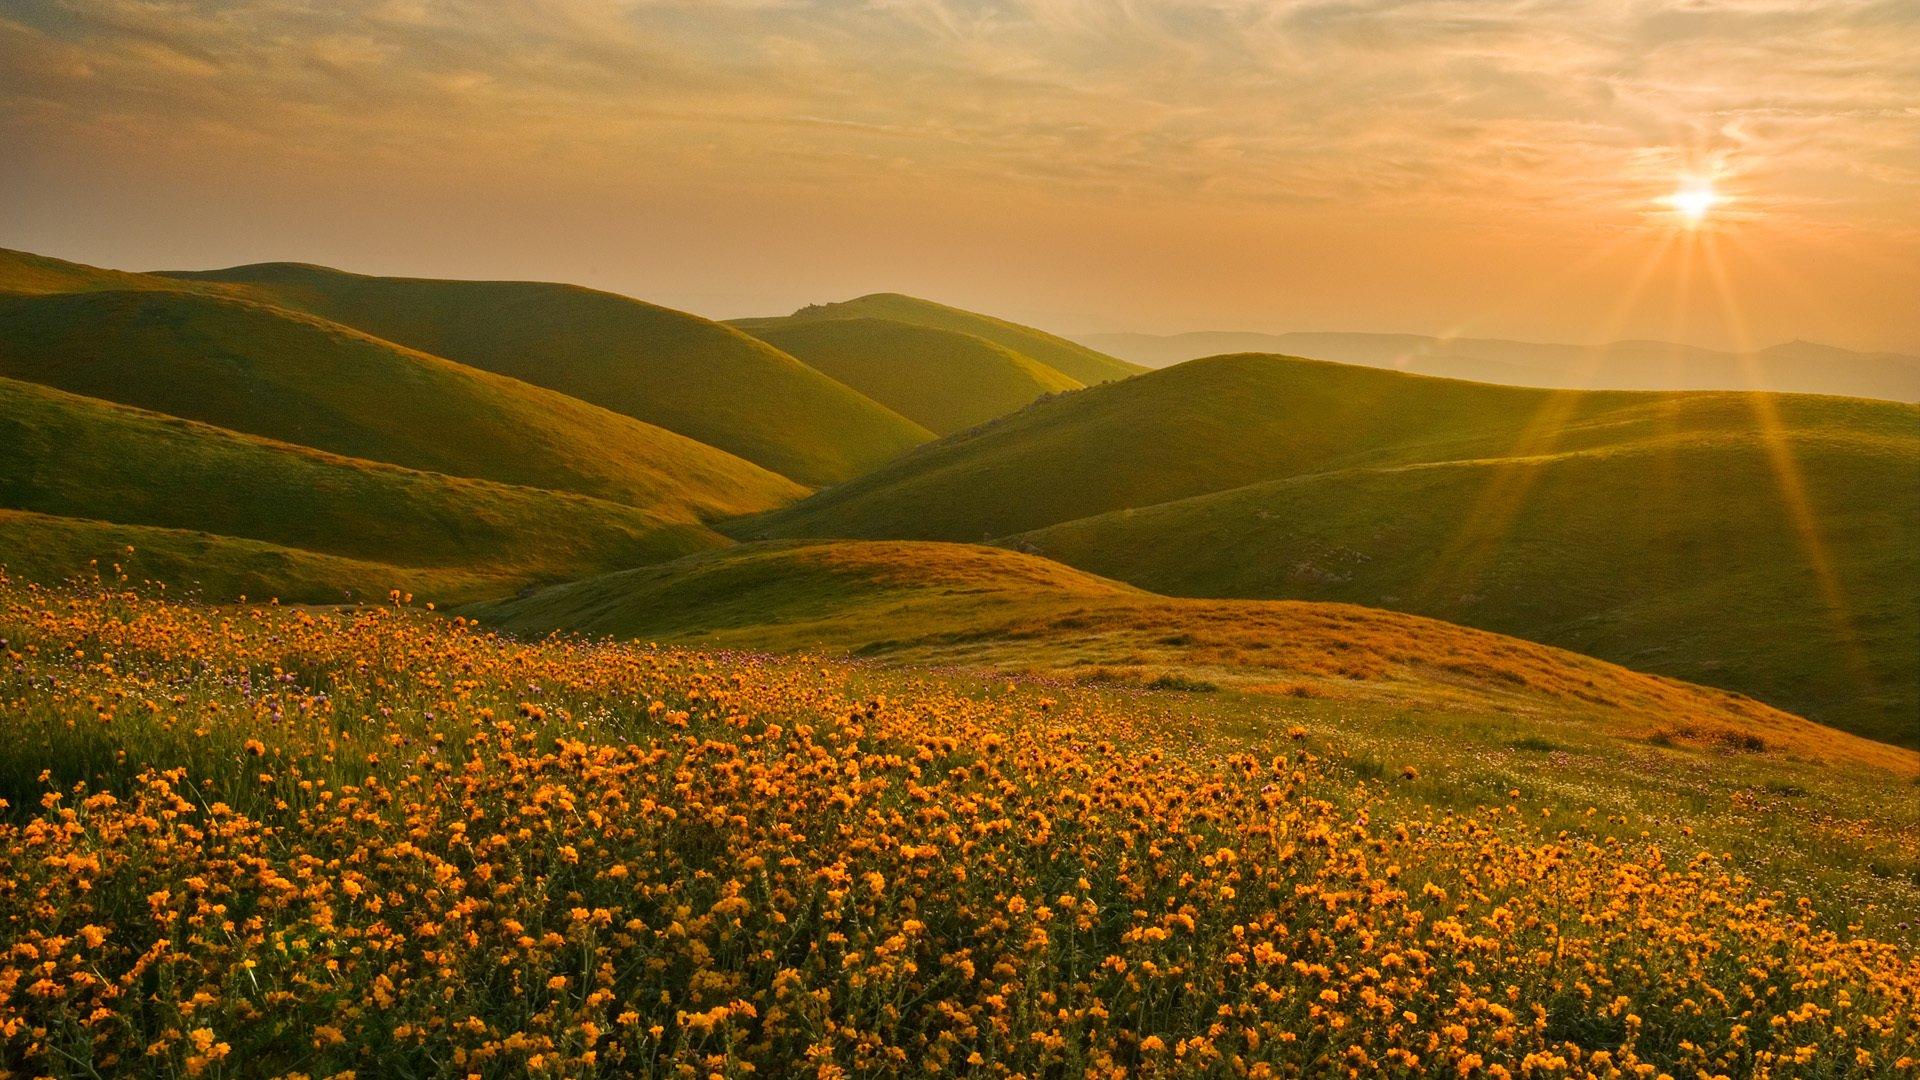 горы закат природа трава солнце онлайн